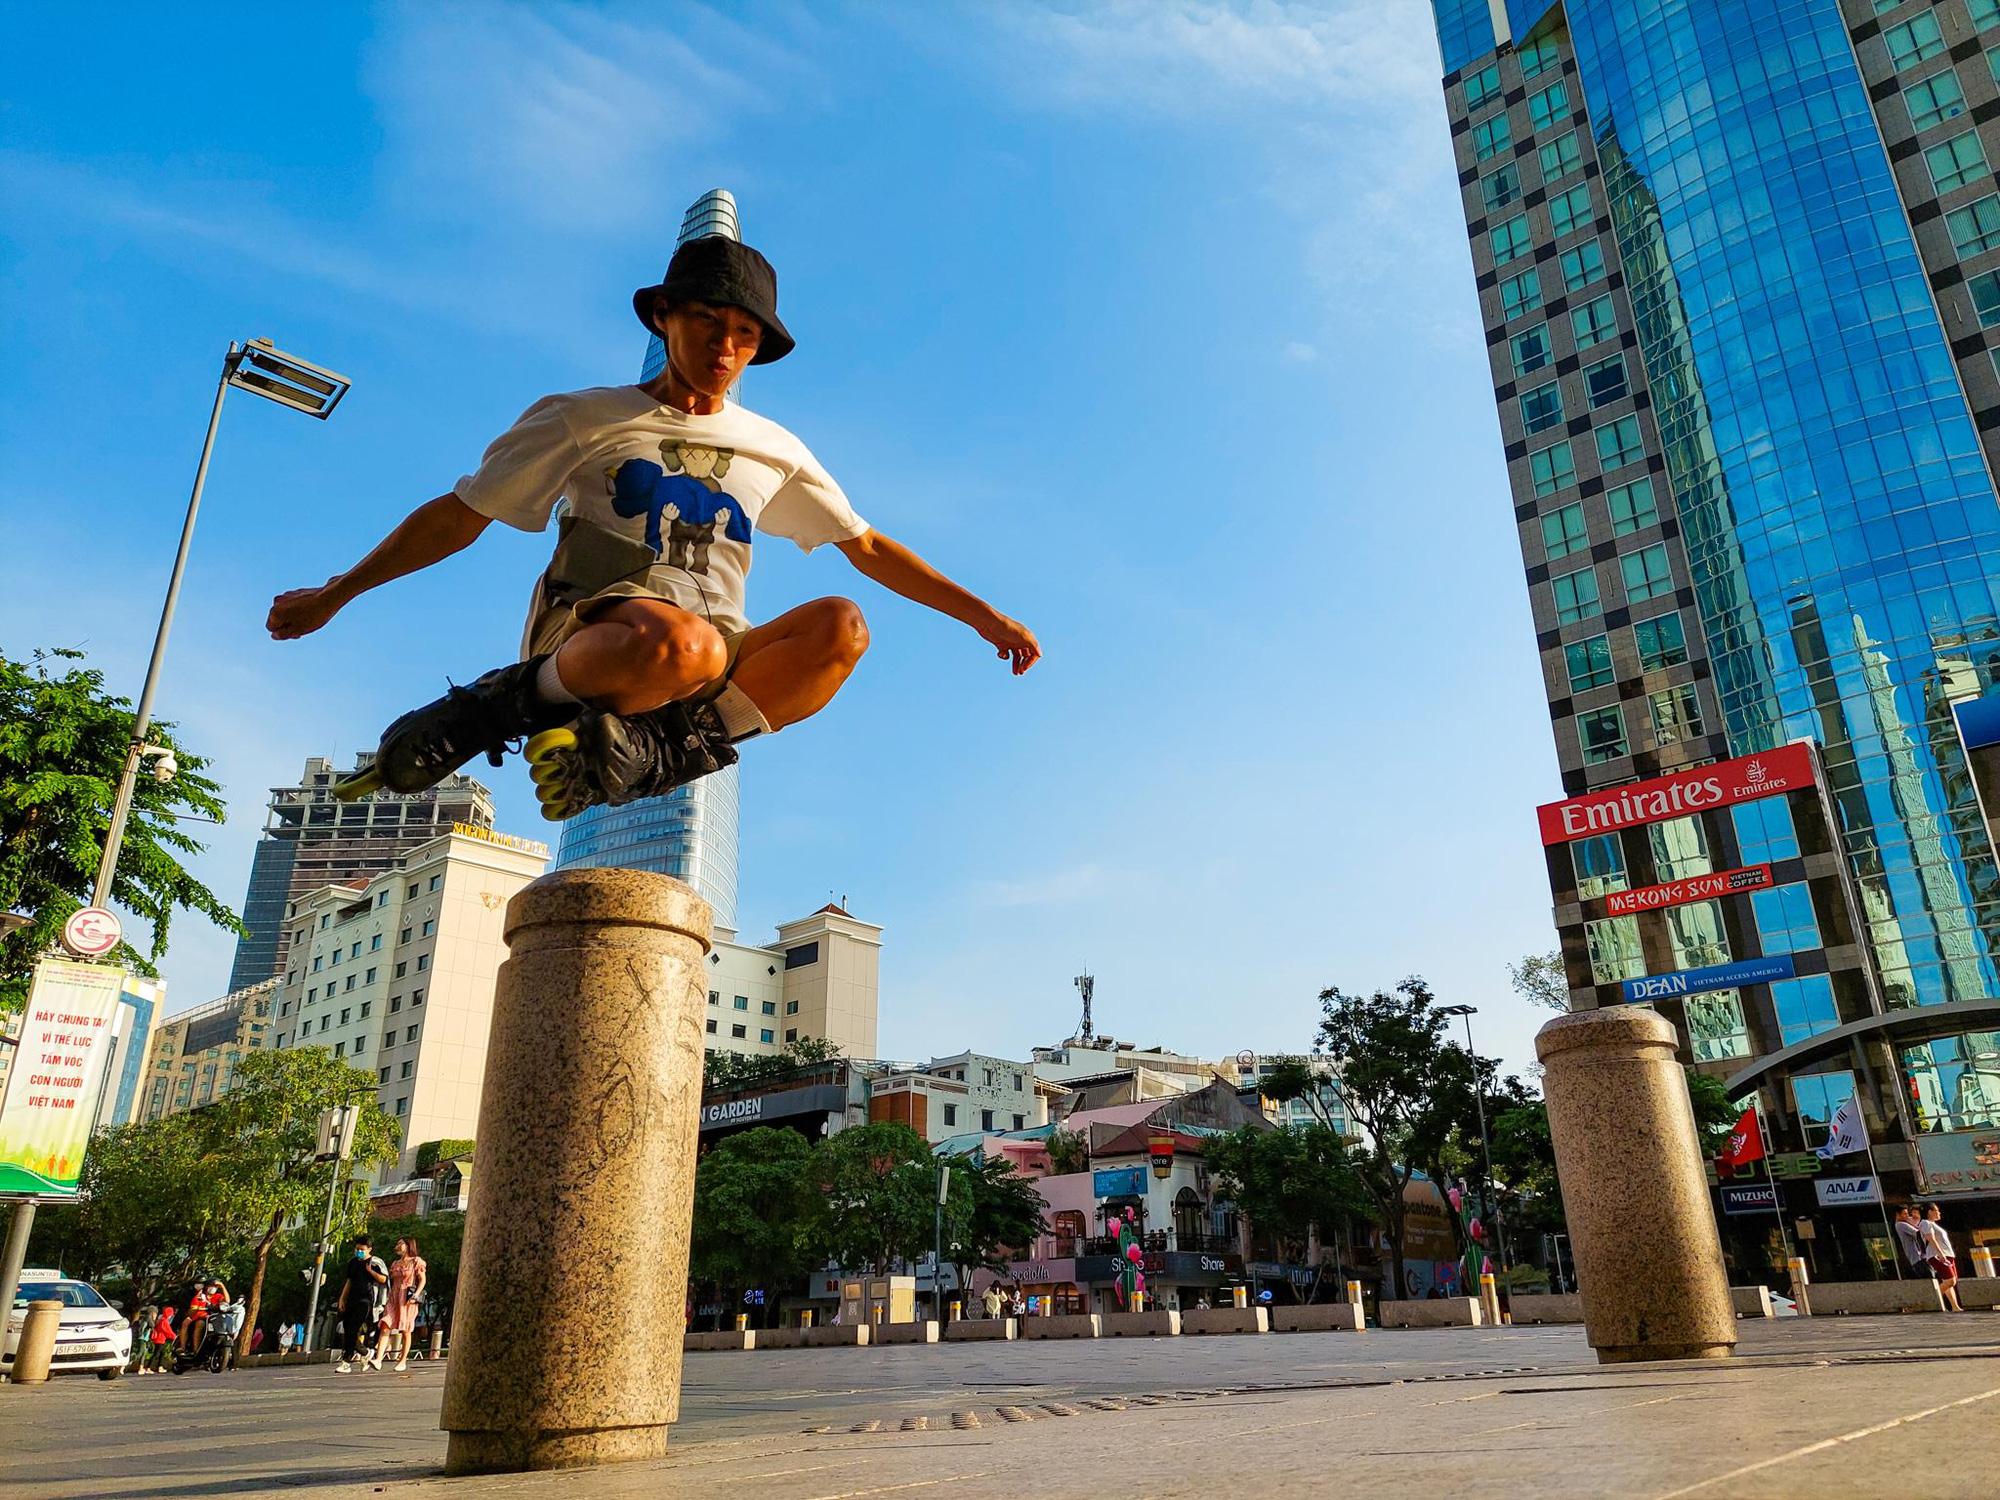 Là người thích bay nhảy, tôi đã tìm thấy smartphone chân ái dành cho mình như thế nào? - Ảnh 6.